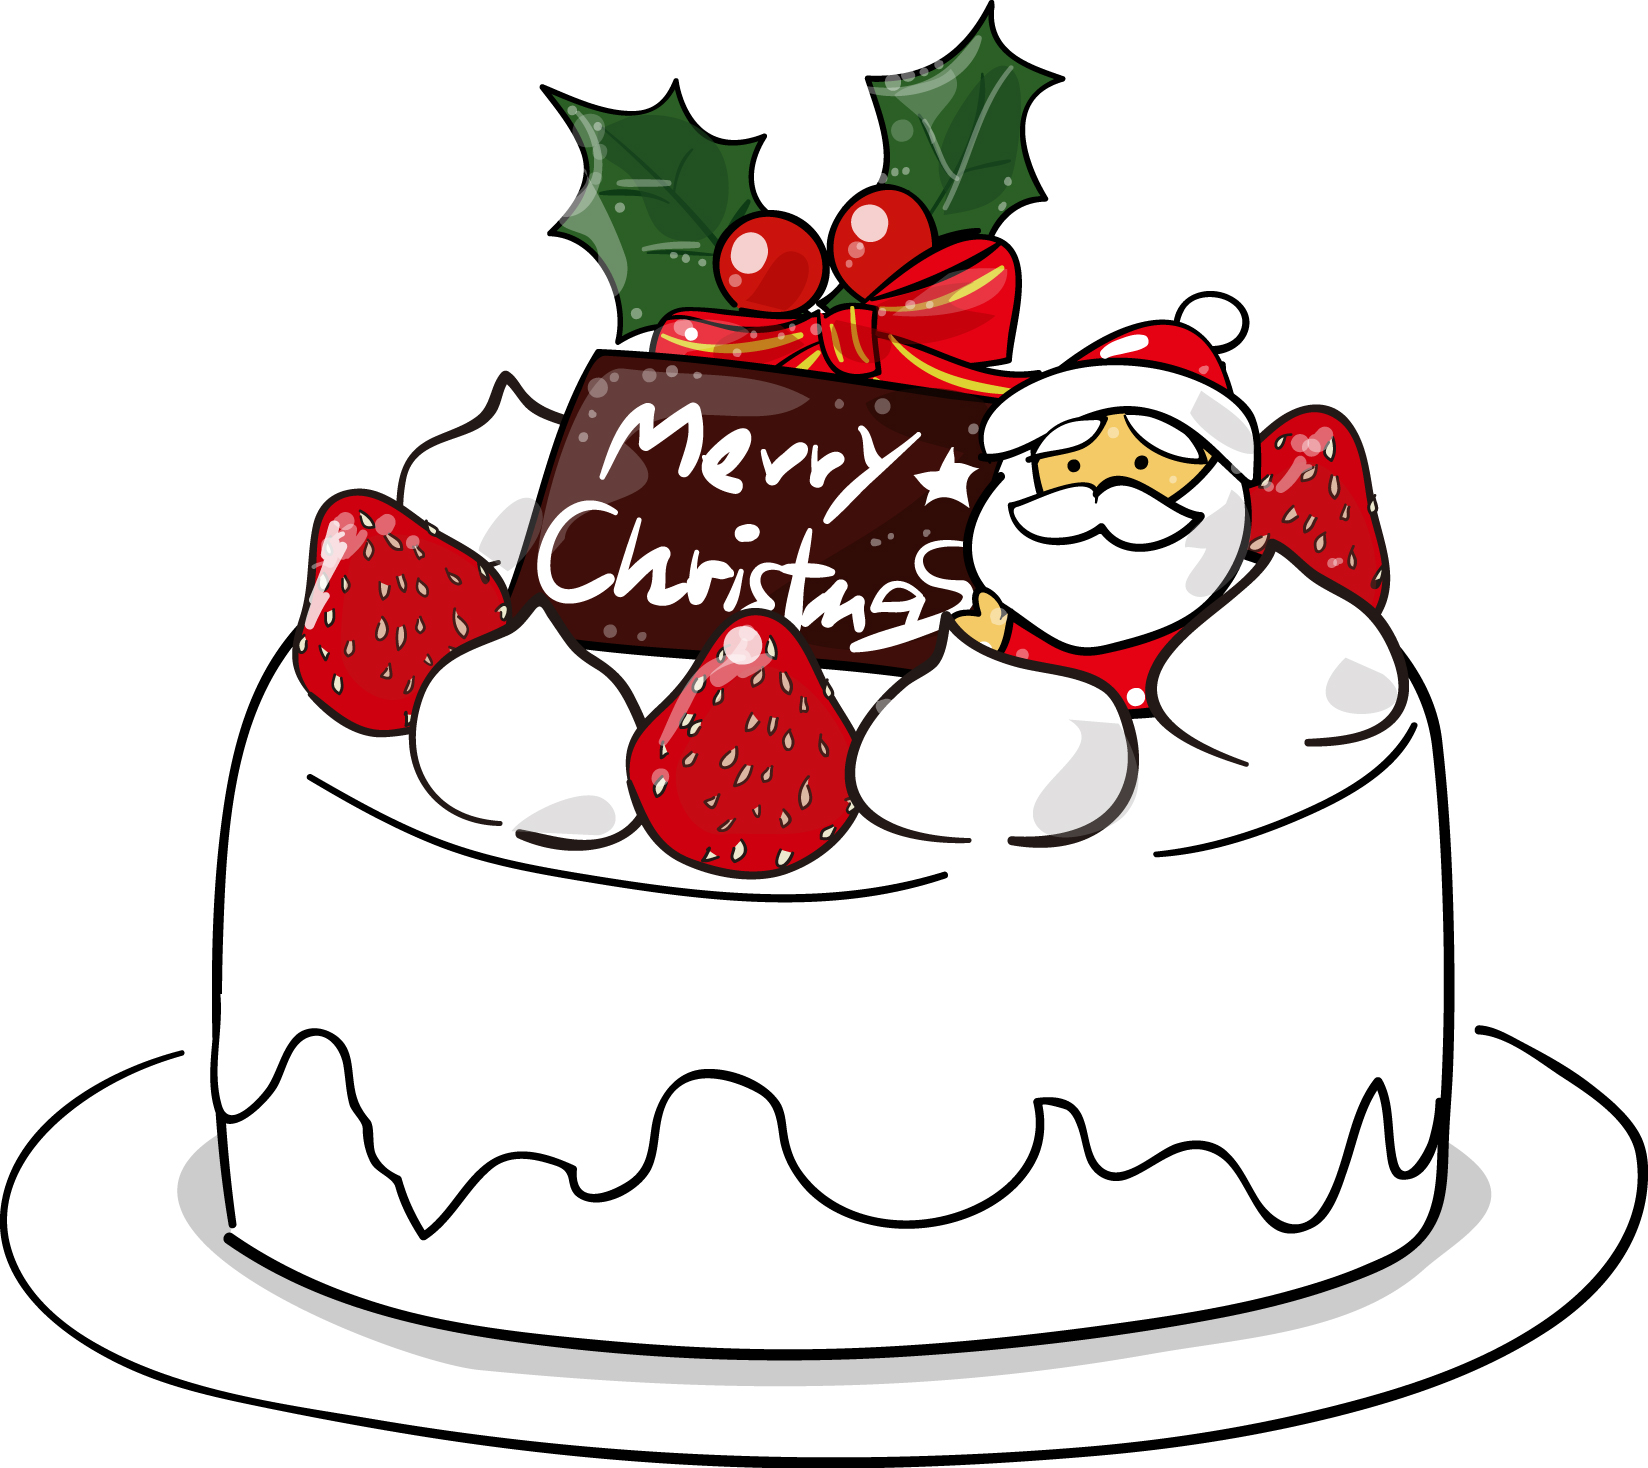 「クリスマスケーキ イラスト」の画像検索結果